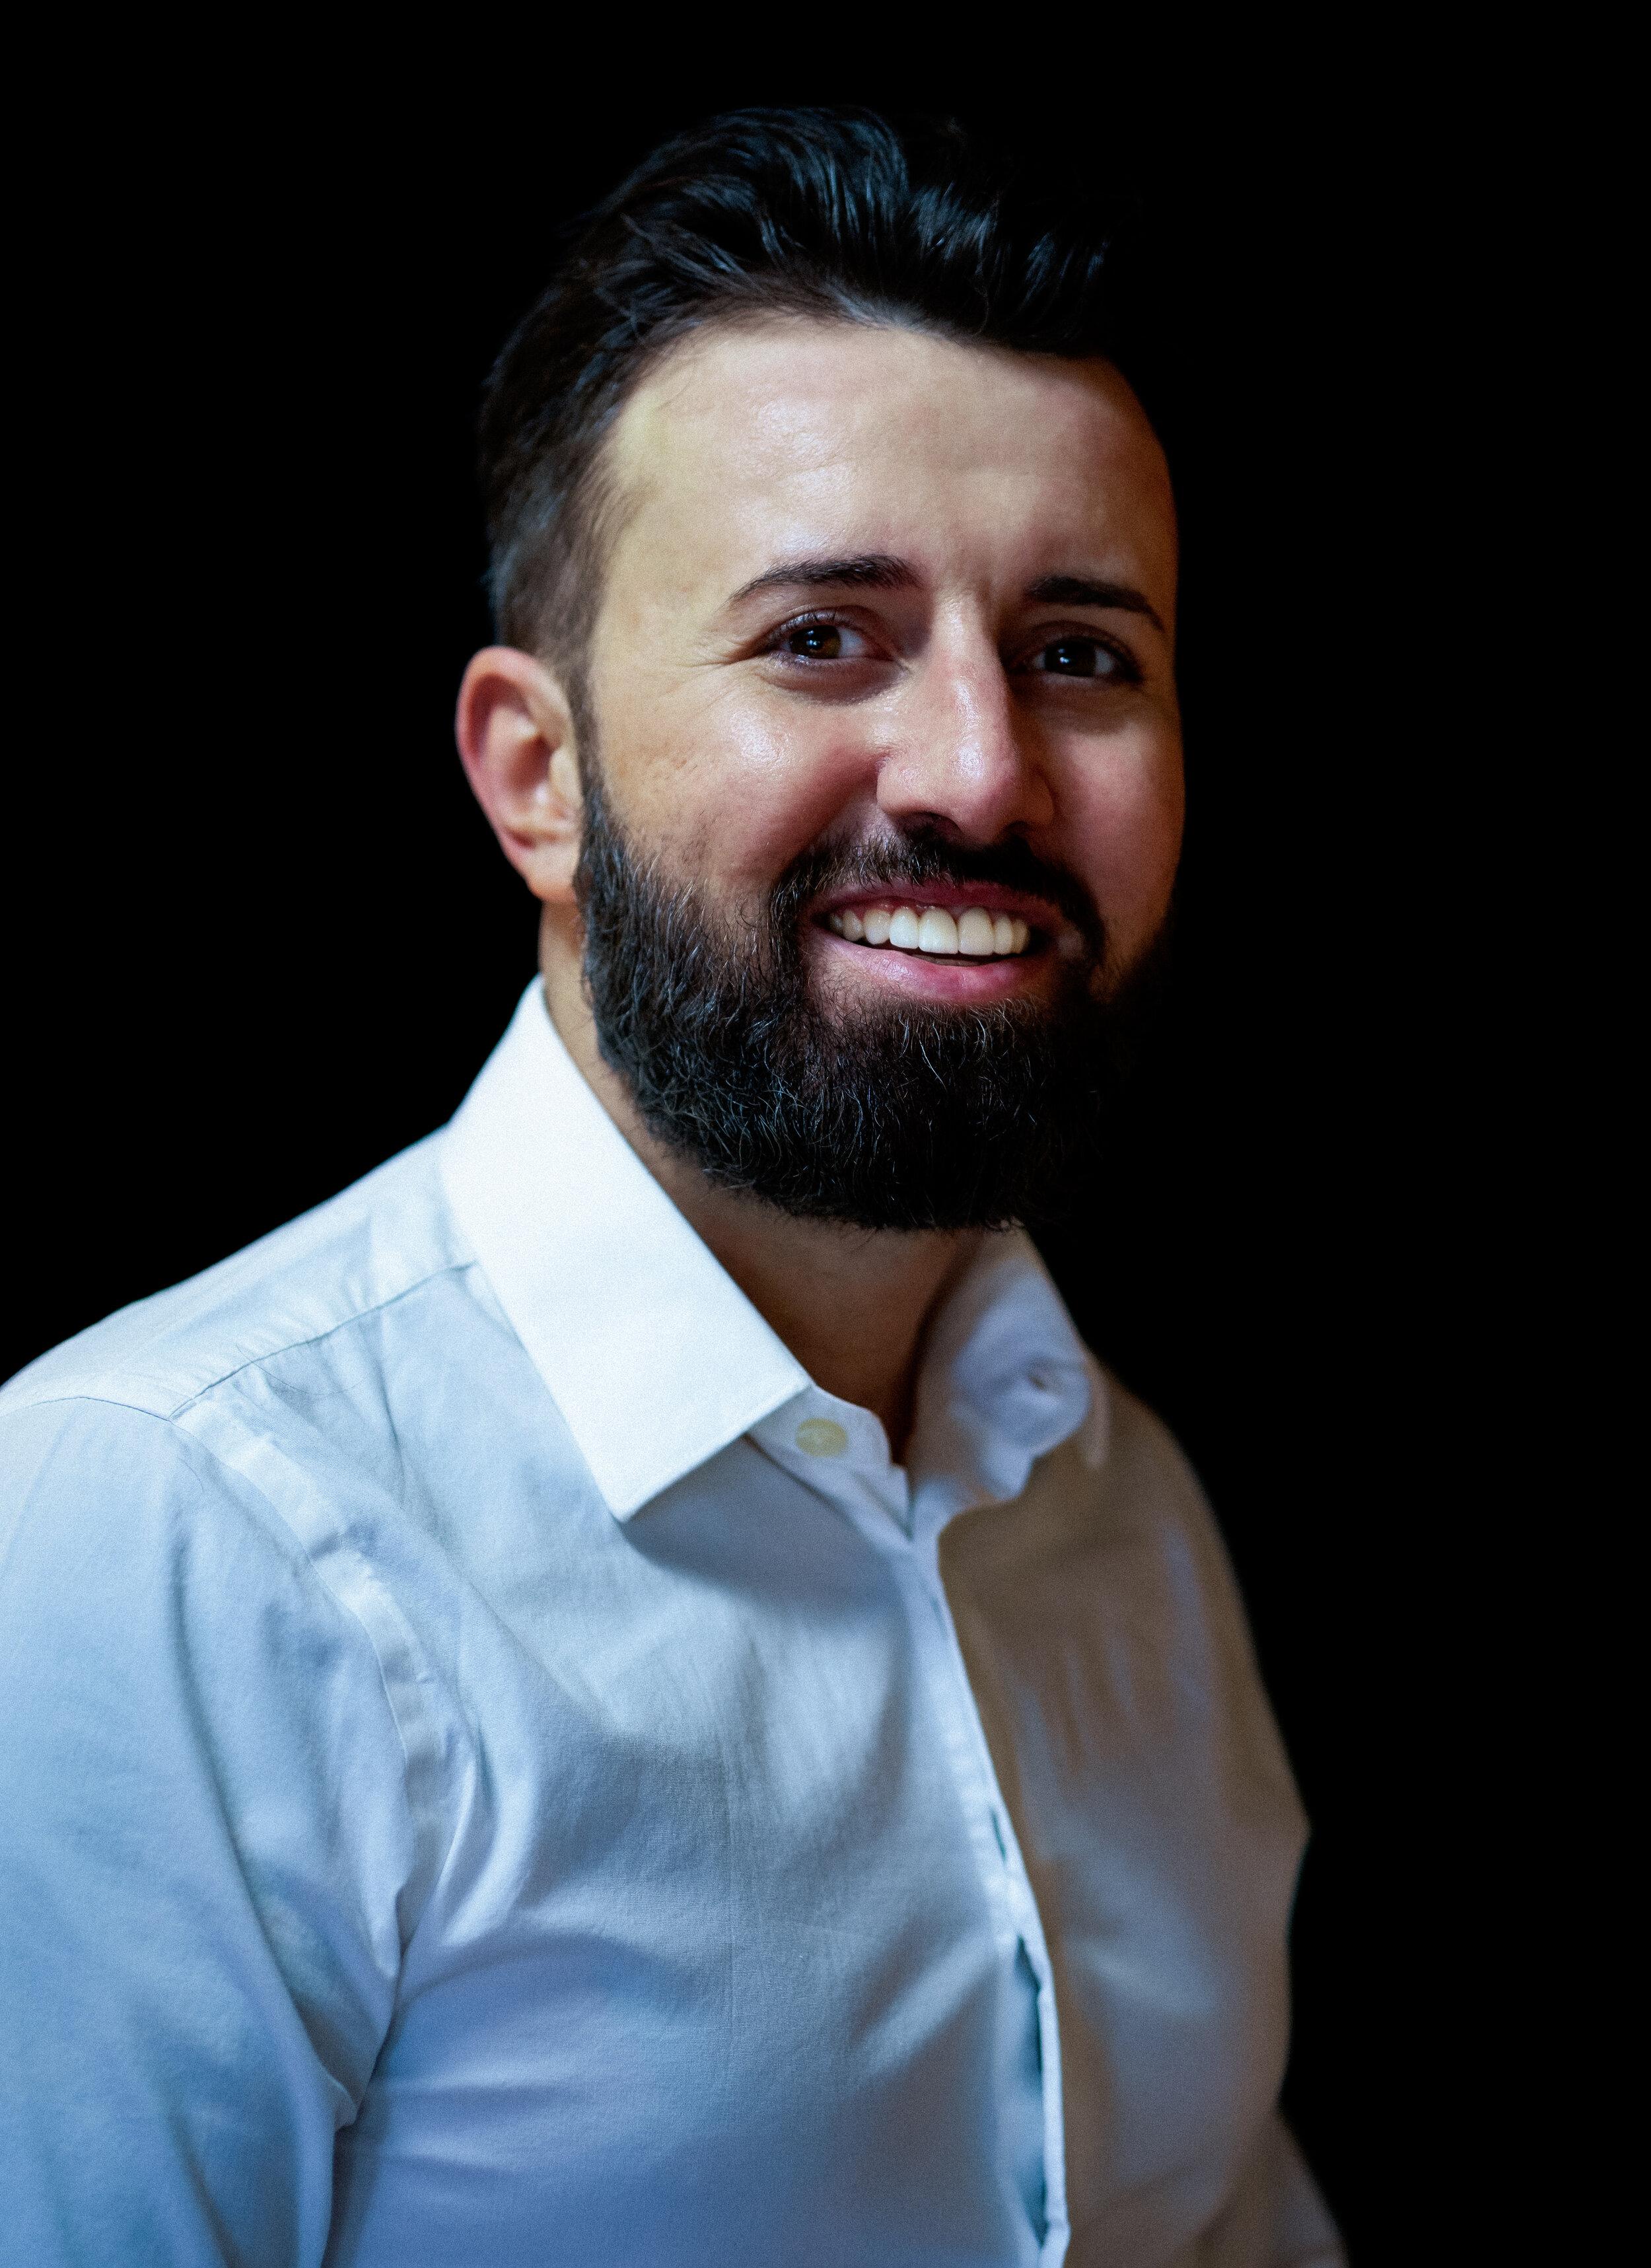 Matt Ramos - Apprentice Barber